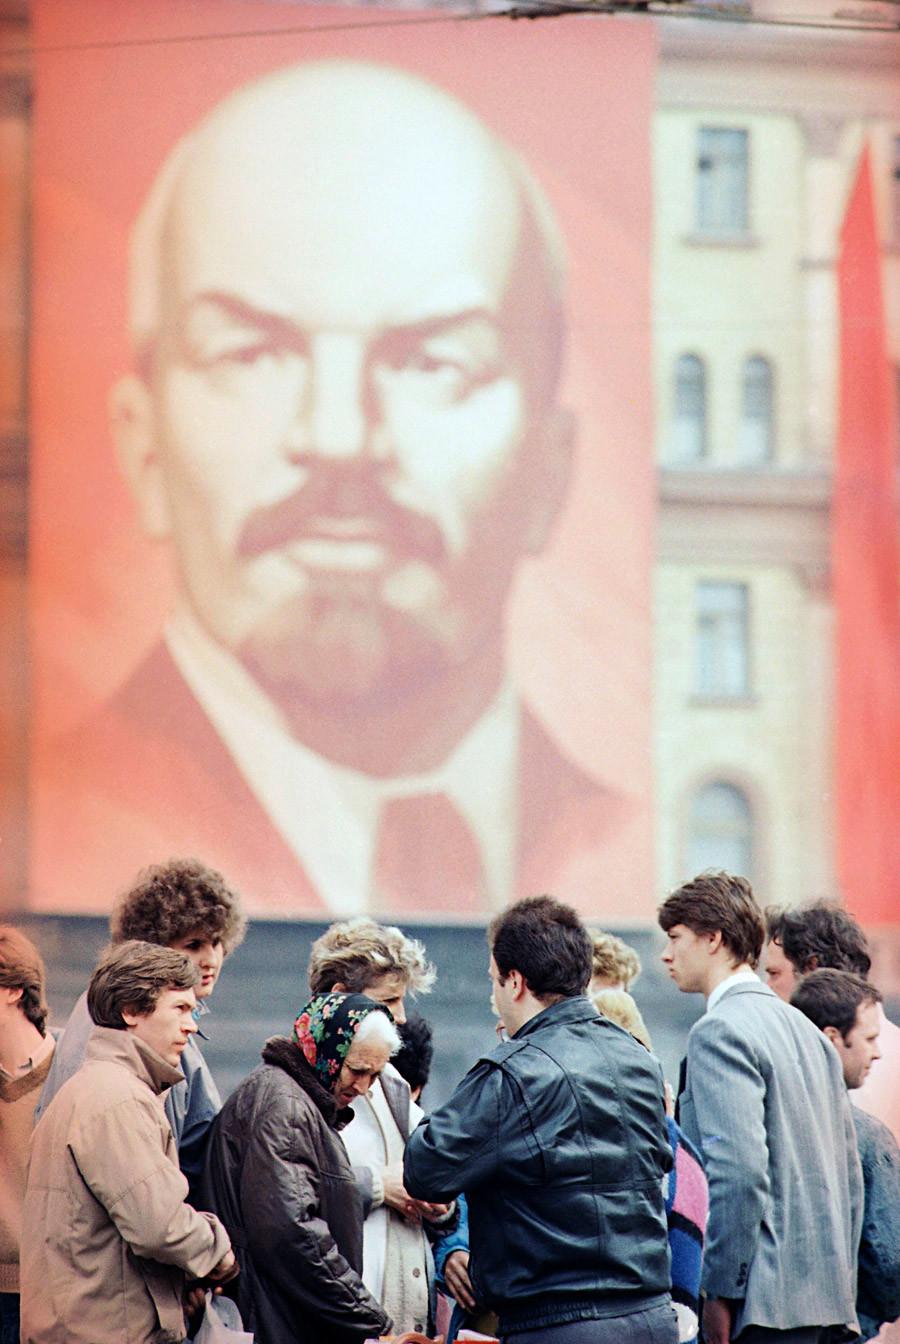 Sovjetski črni trg z ameriškimi žvečilkami, Moskva, 30. april 1991